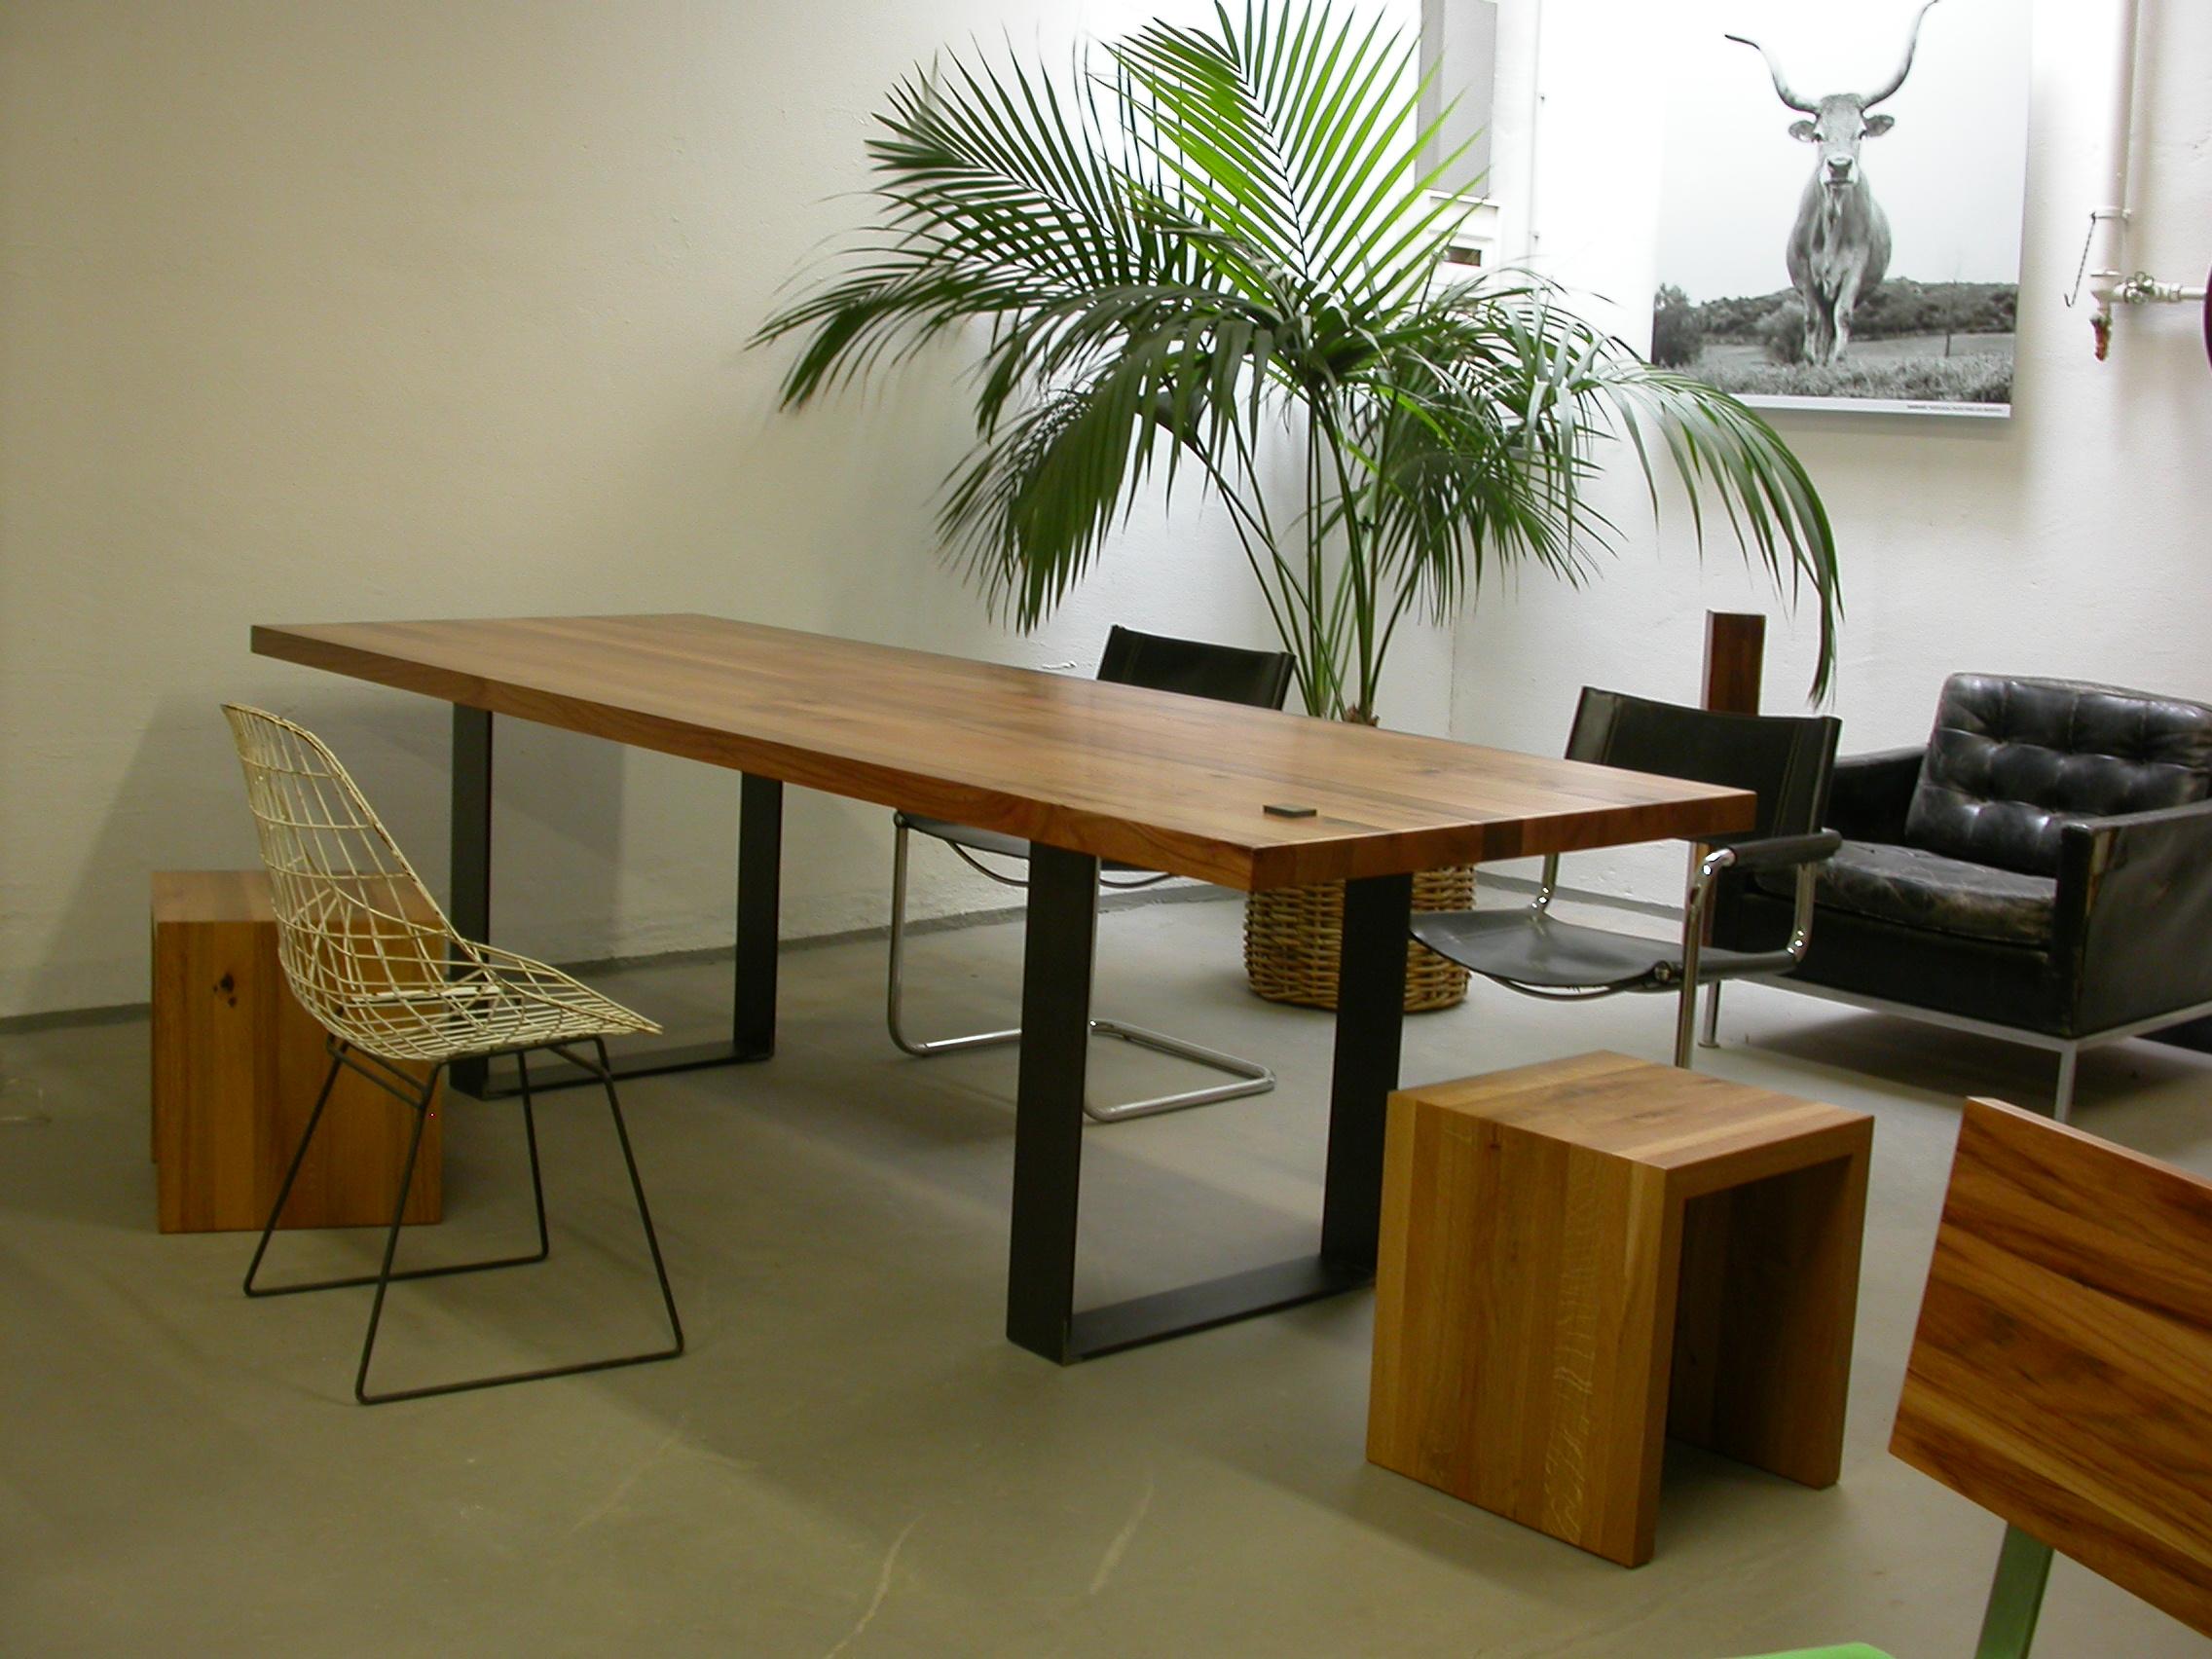 Kufentisch Oscar bei uns im Showroom Angebotspreis 1700 Euro 250 x 95 cm inkl. 19 % Umsatzsteuer.